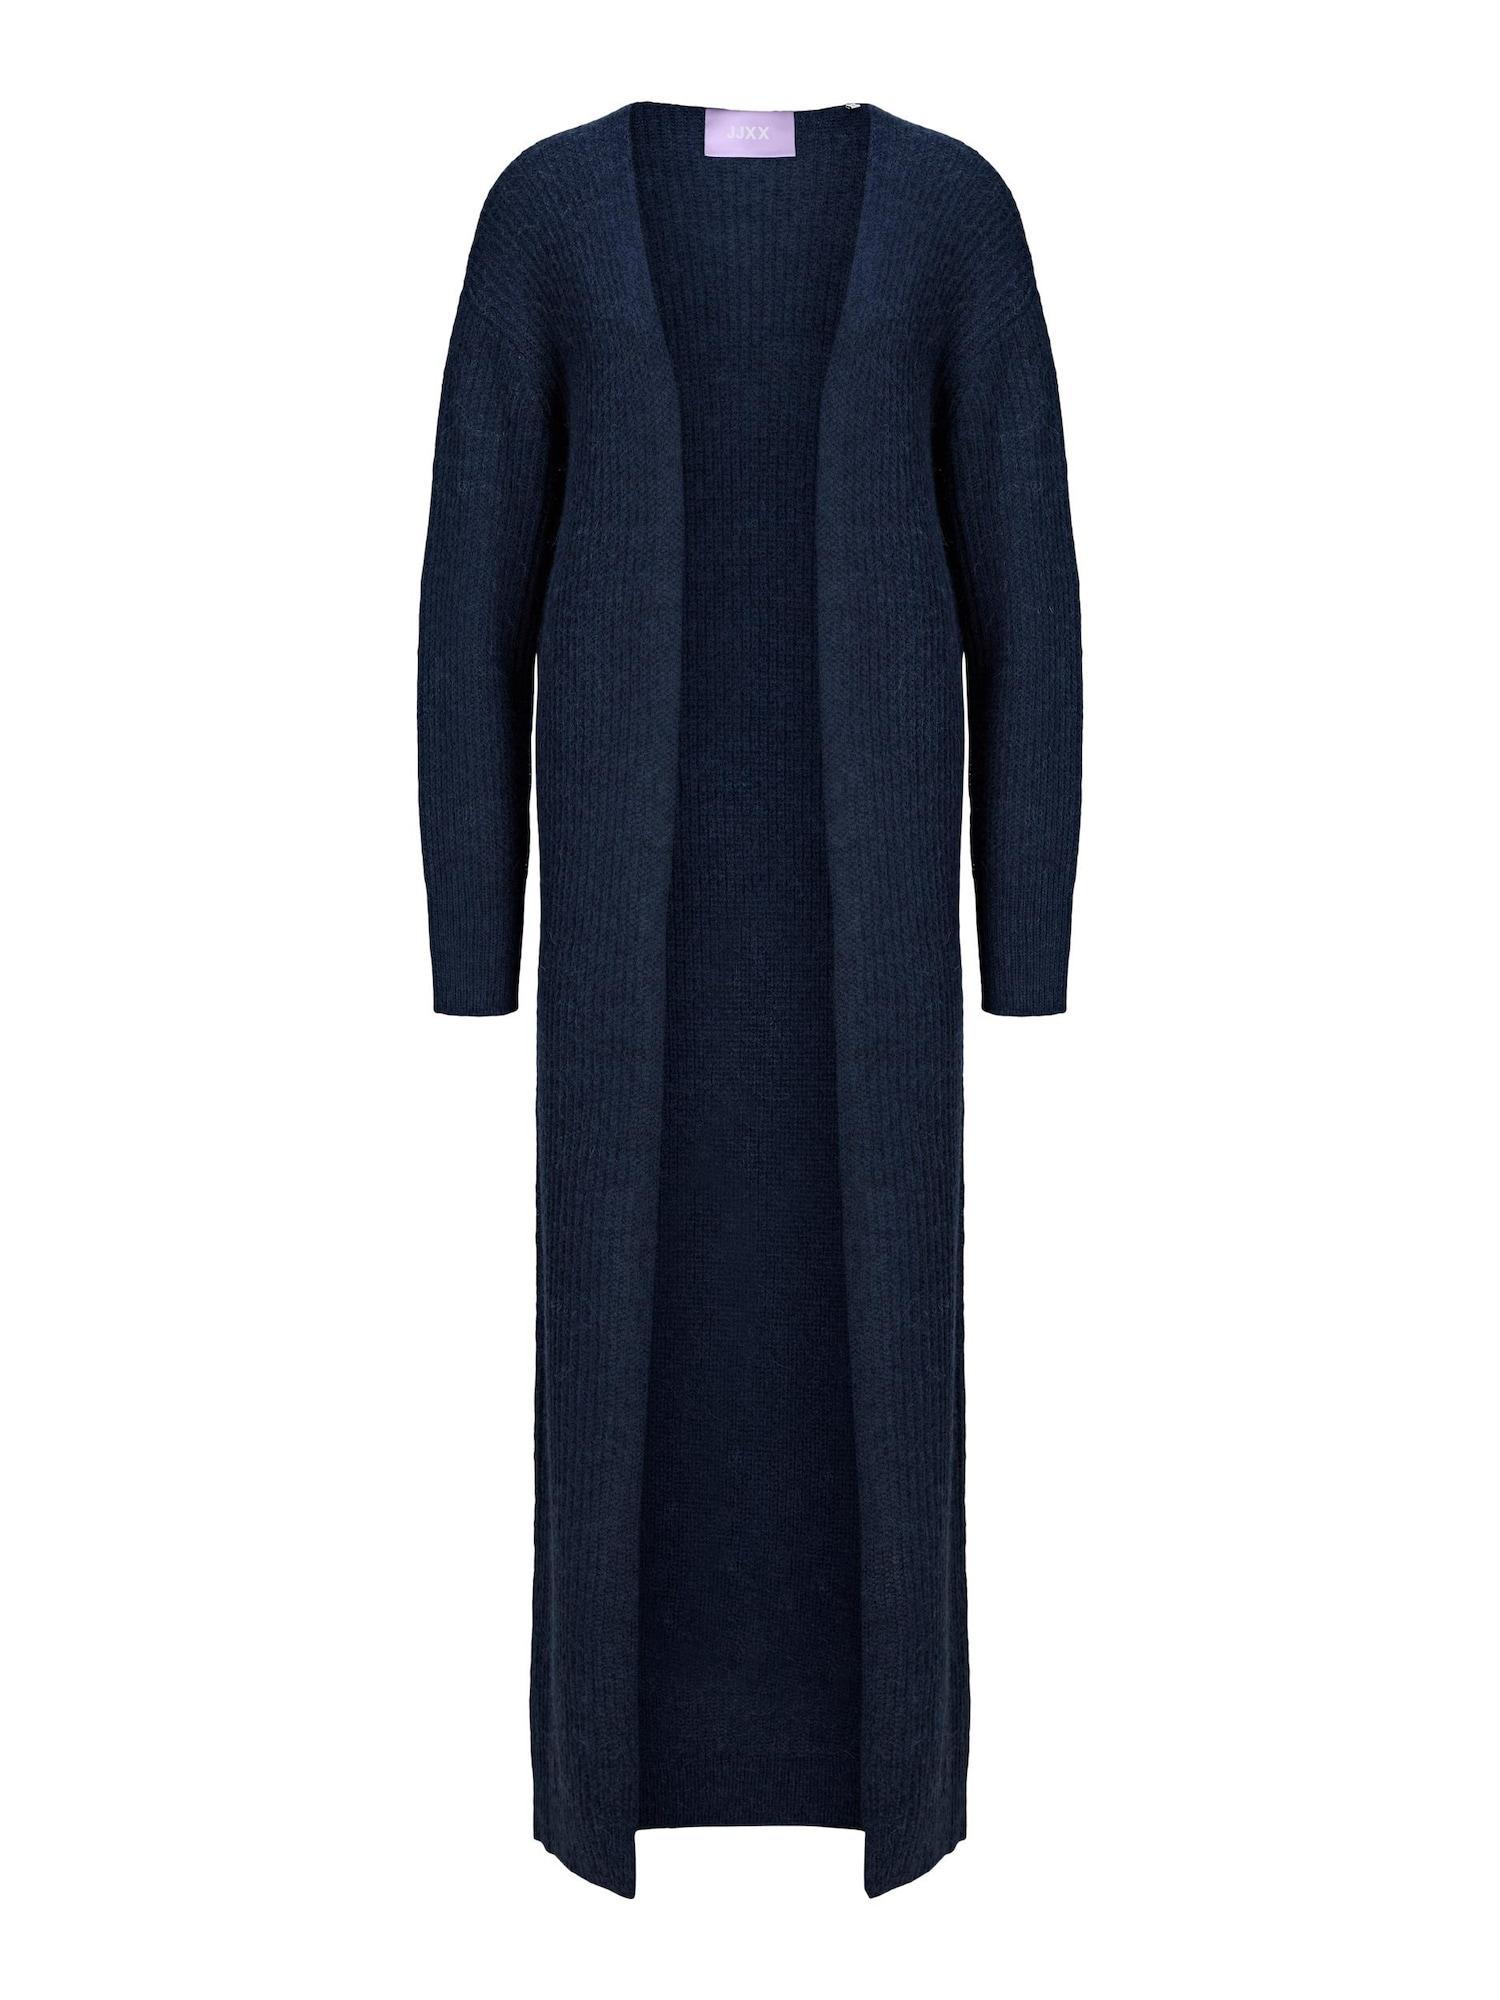 JJXX Pletený kabátek 'JXEA'  tmavě modrá